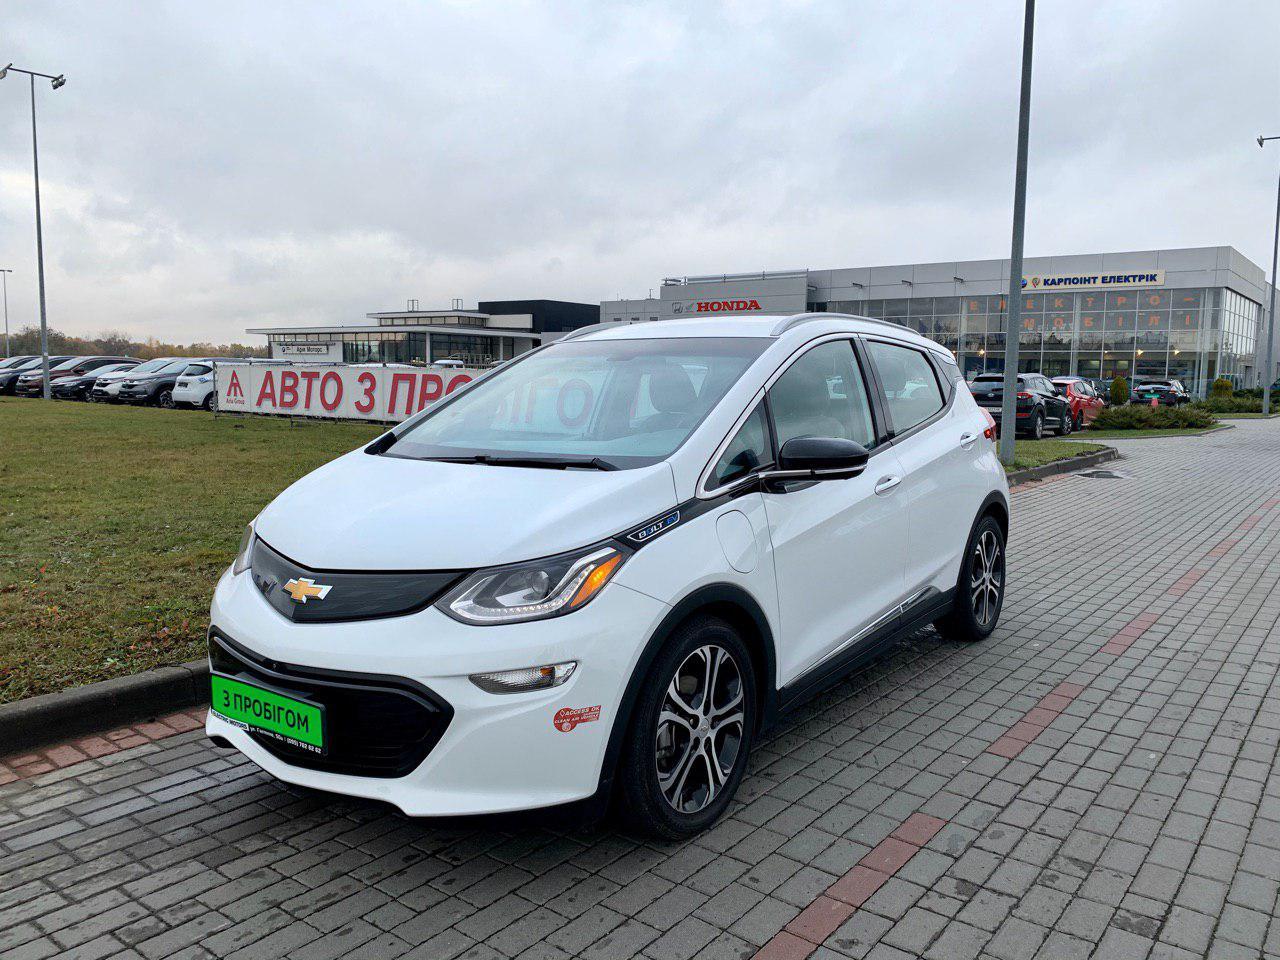 Б/у електромобіль Chevrolet Bolt